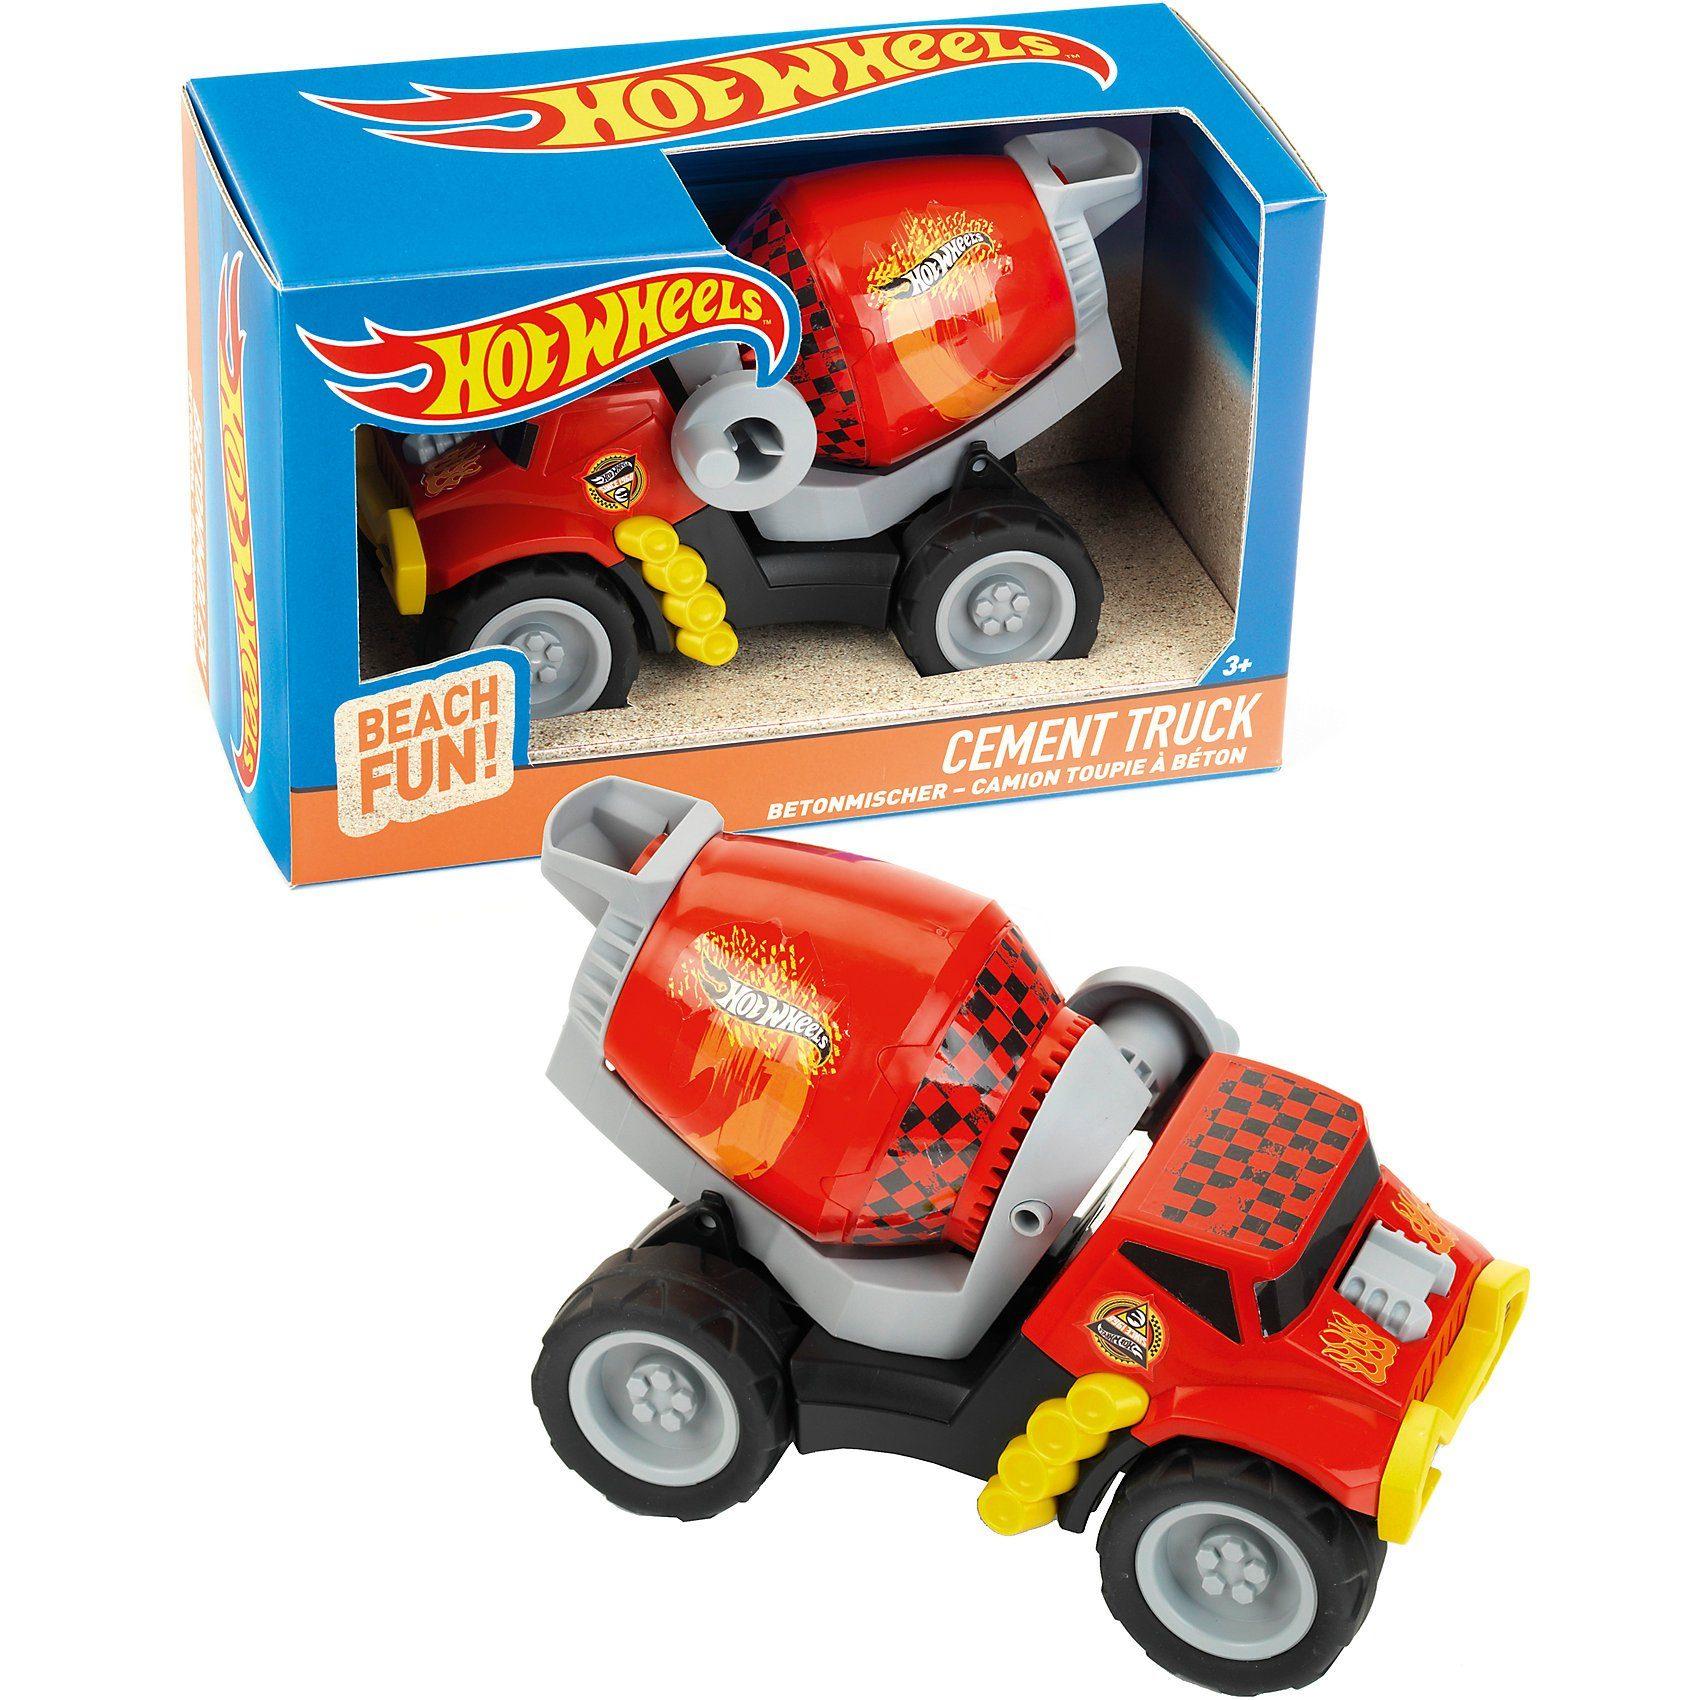 Klein Hot Wheels Betonmischer, Sandspielzeug, Maßstab 1:24